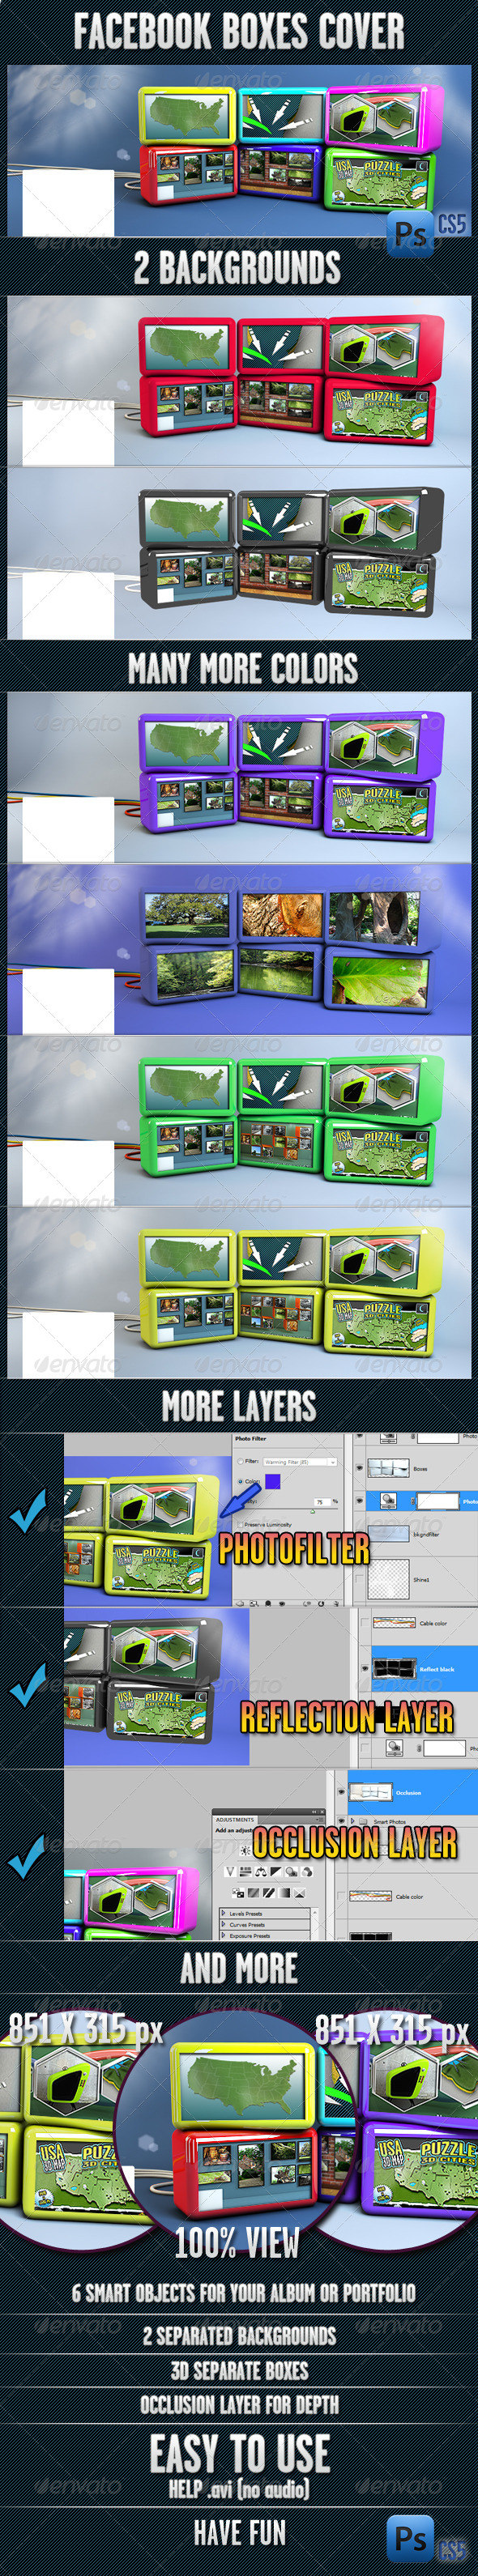 GraphicRiver Facebook Box Cover 4309555